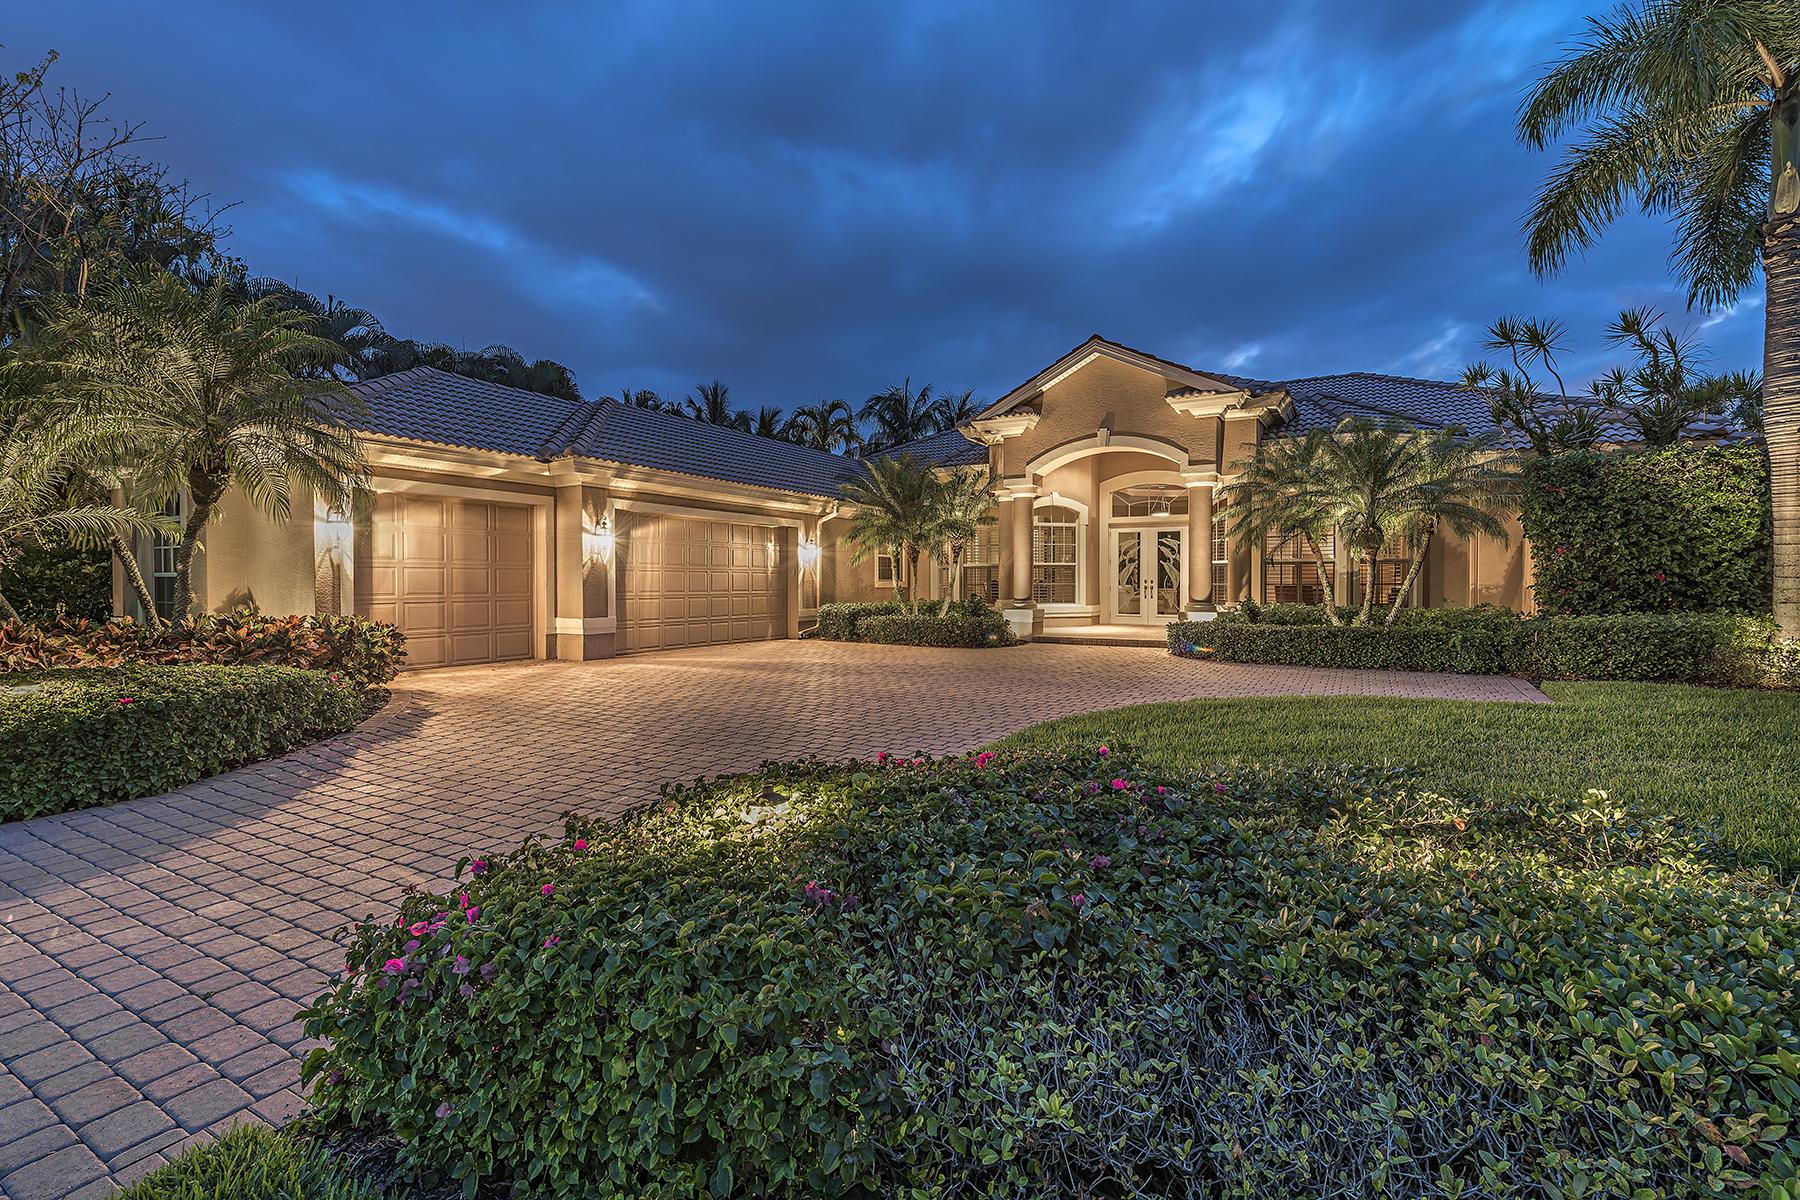 Maison unifamiliale pour l Vente à PELICAN MARSH - MUIRFIELD AT THE MARSH 8755 Muirfield Dr Naples, Florida, 34109 États-Unis